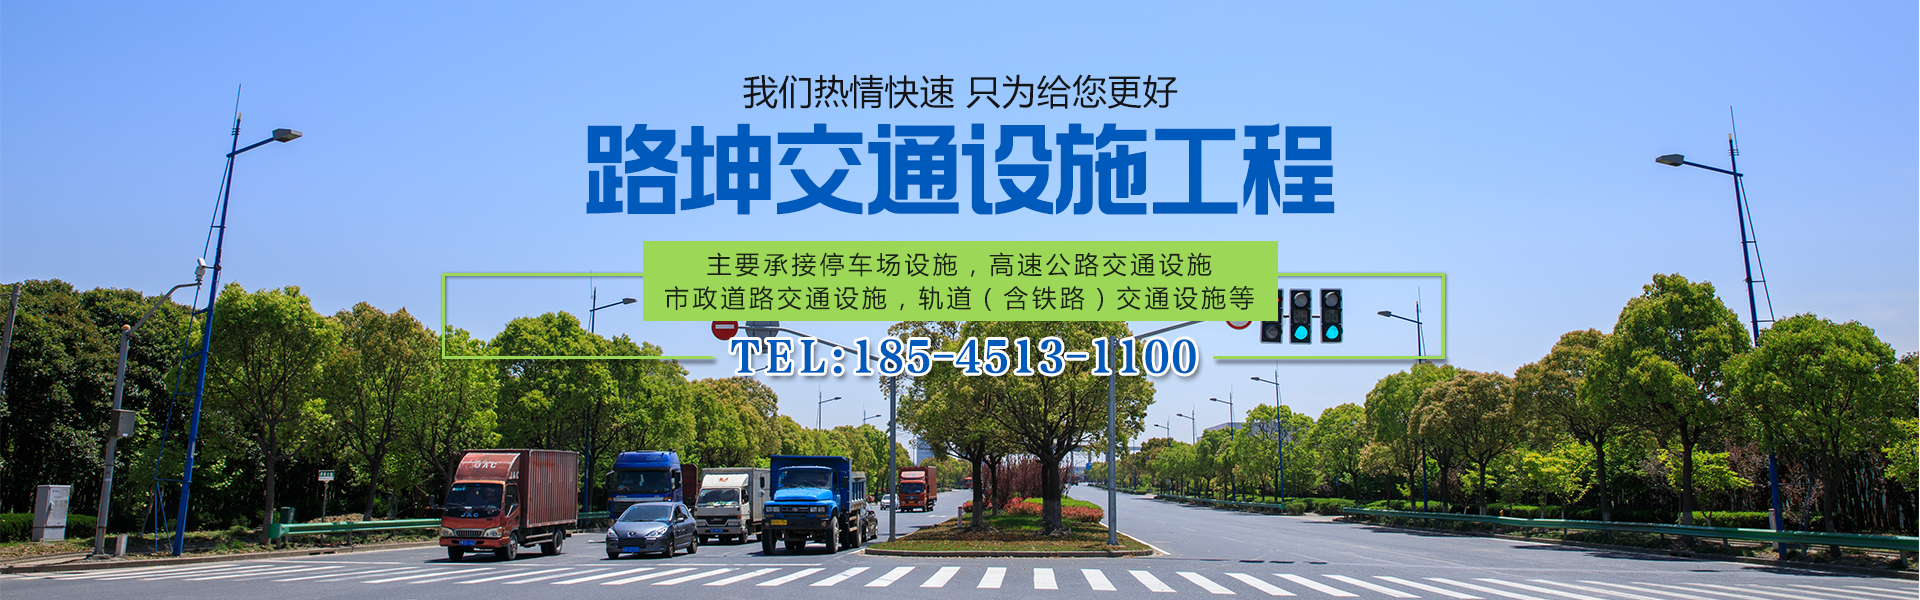 哈尔滨道路标线,哈尔滨标线工程,哈尔滨道路划线施工,哈尔滨交通设施,哈尔滨停车位